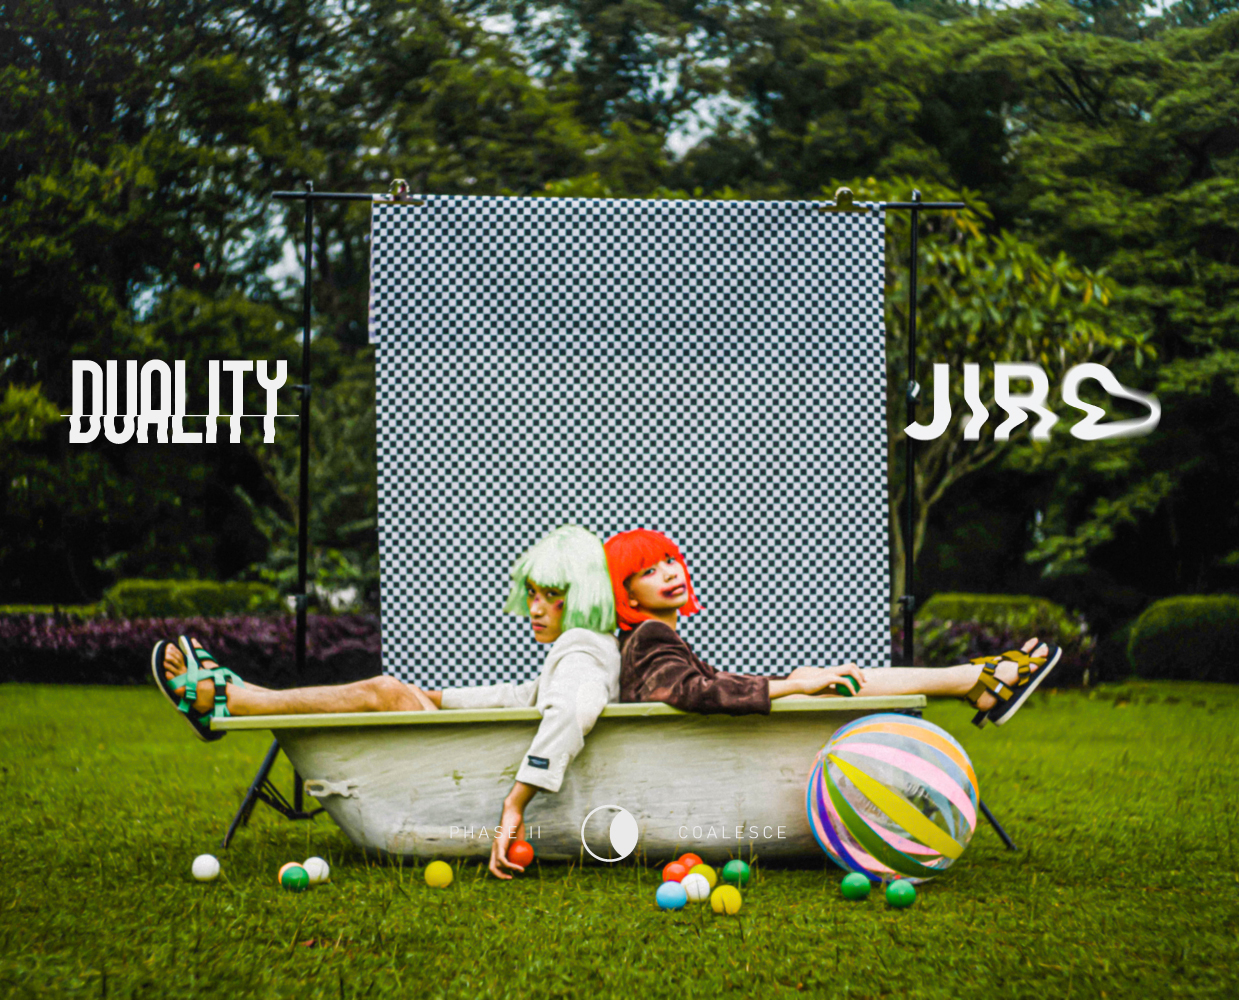 DUALITY II: JIRO